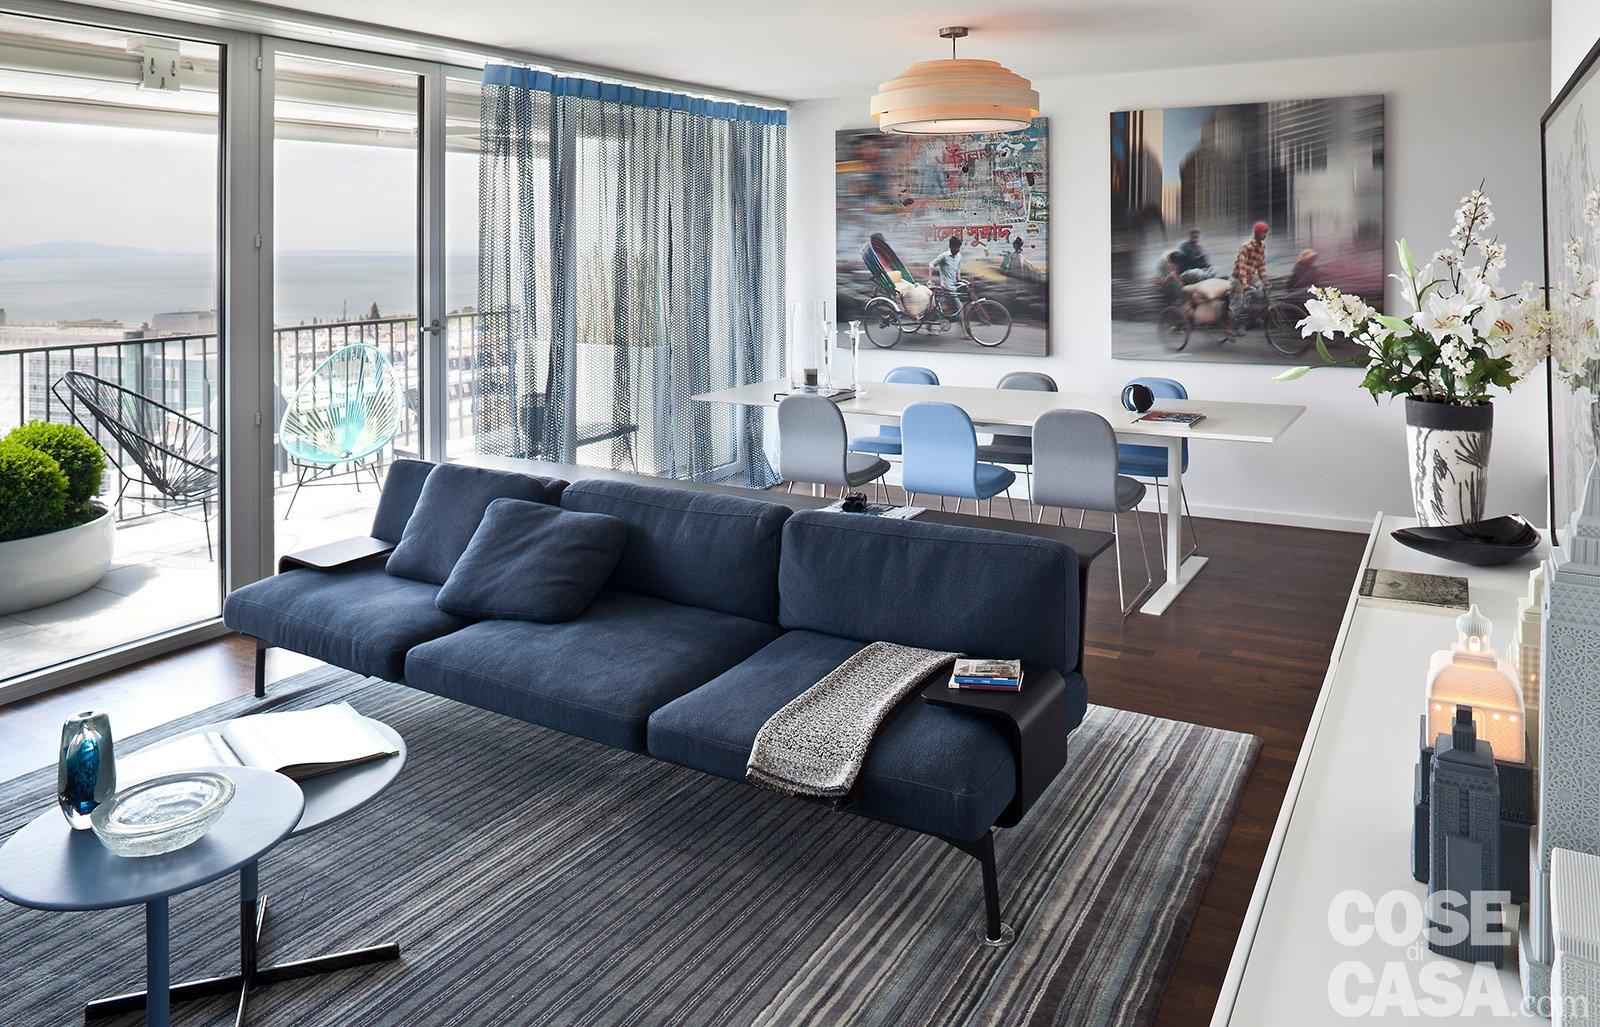 Maxi bilocale con terrazzo perfetto per due cose di casa for Divano per terrazzo